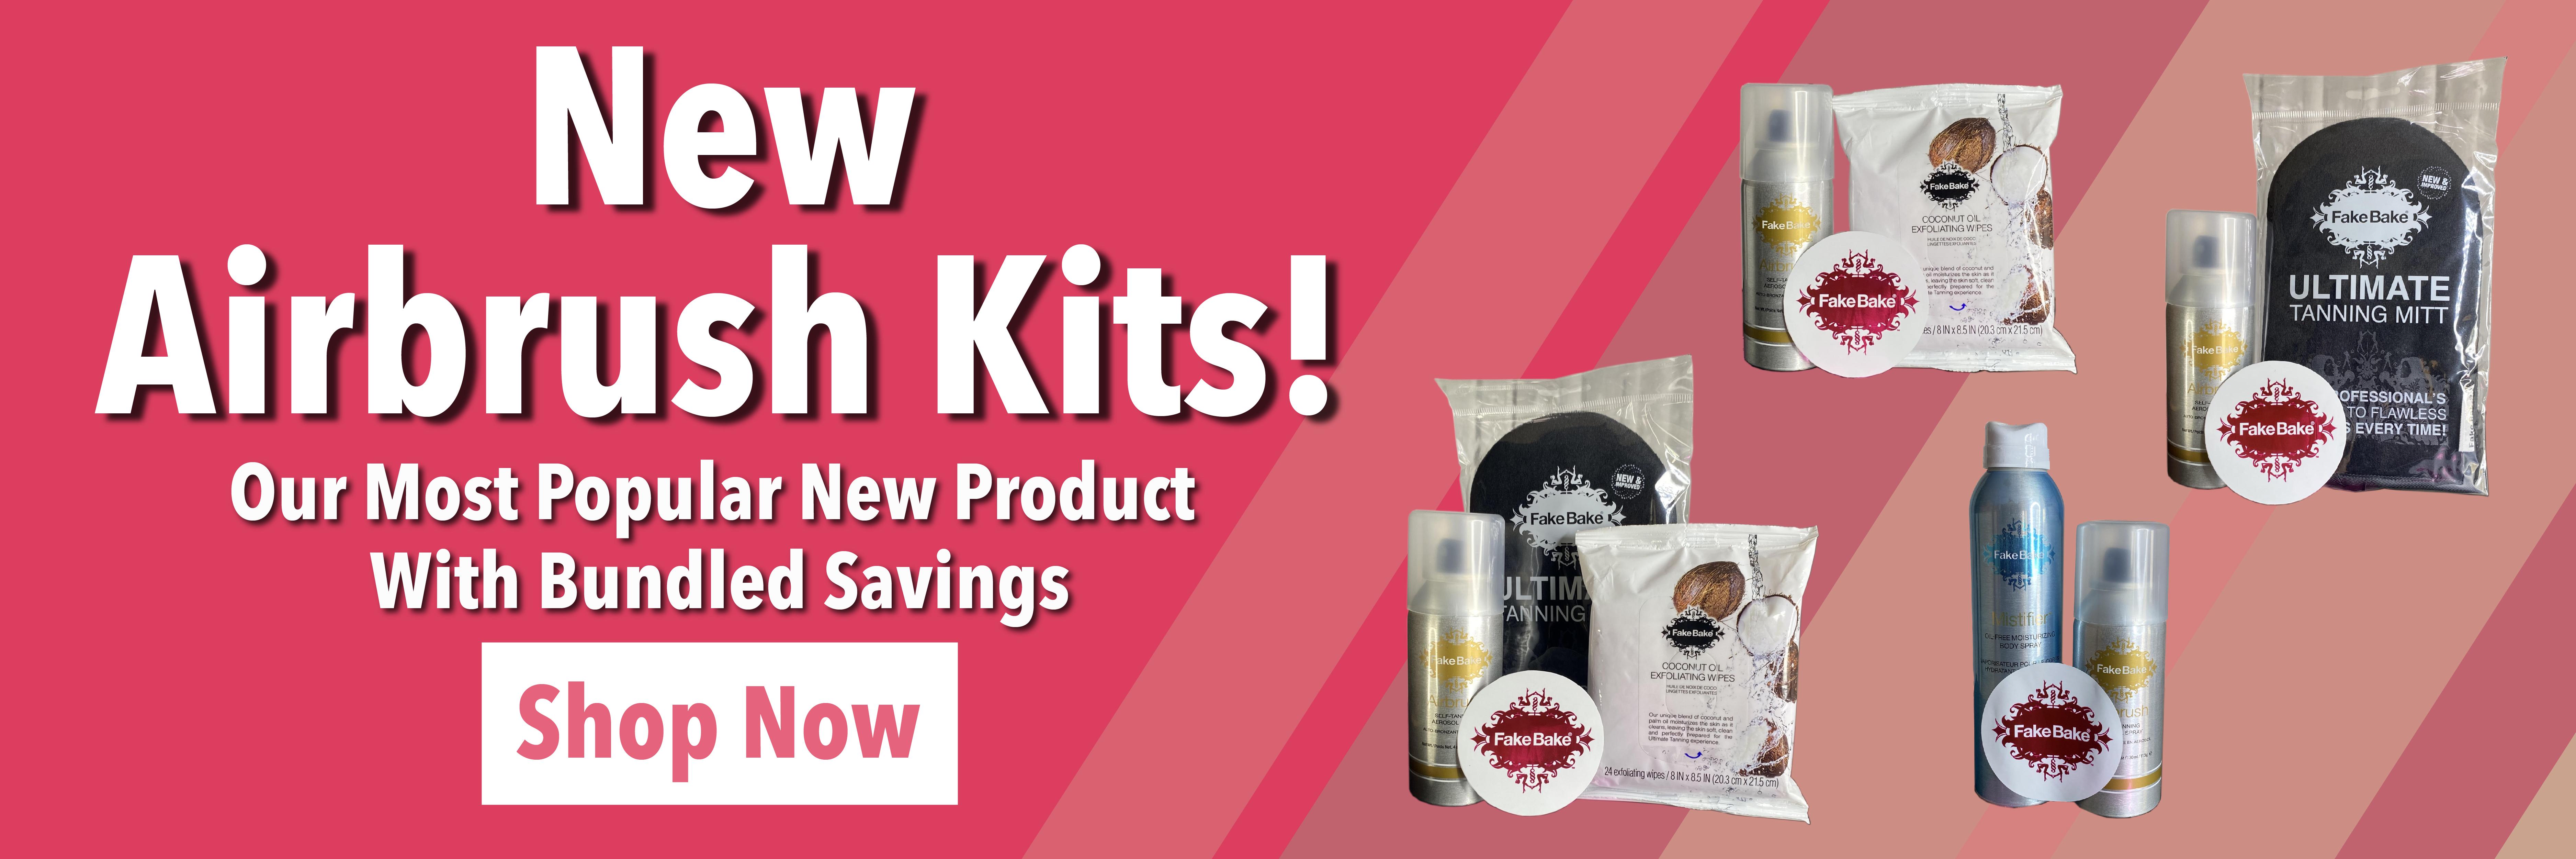 New Airbrush Kits